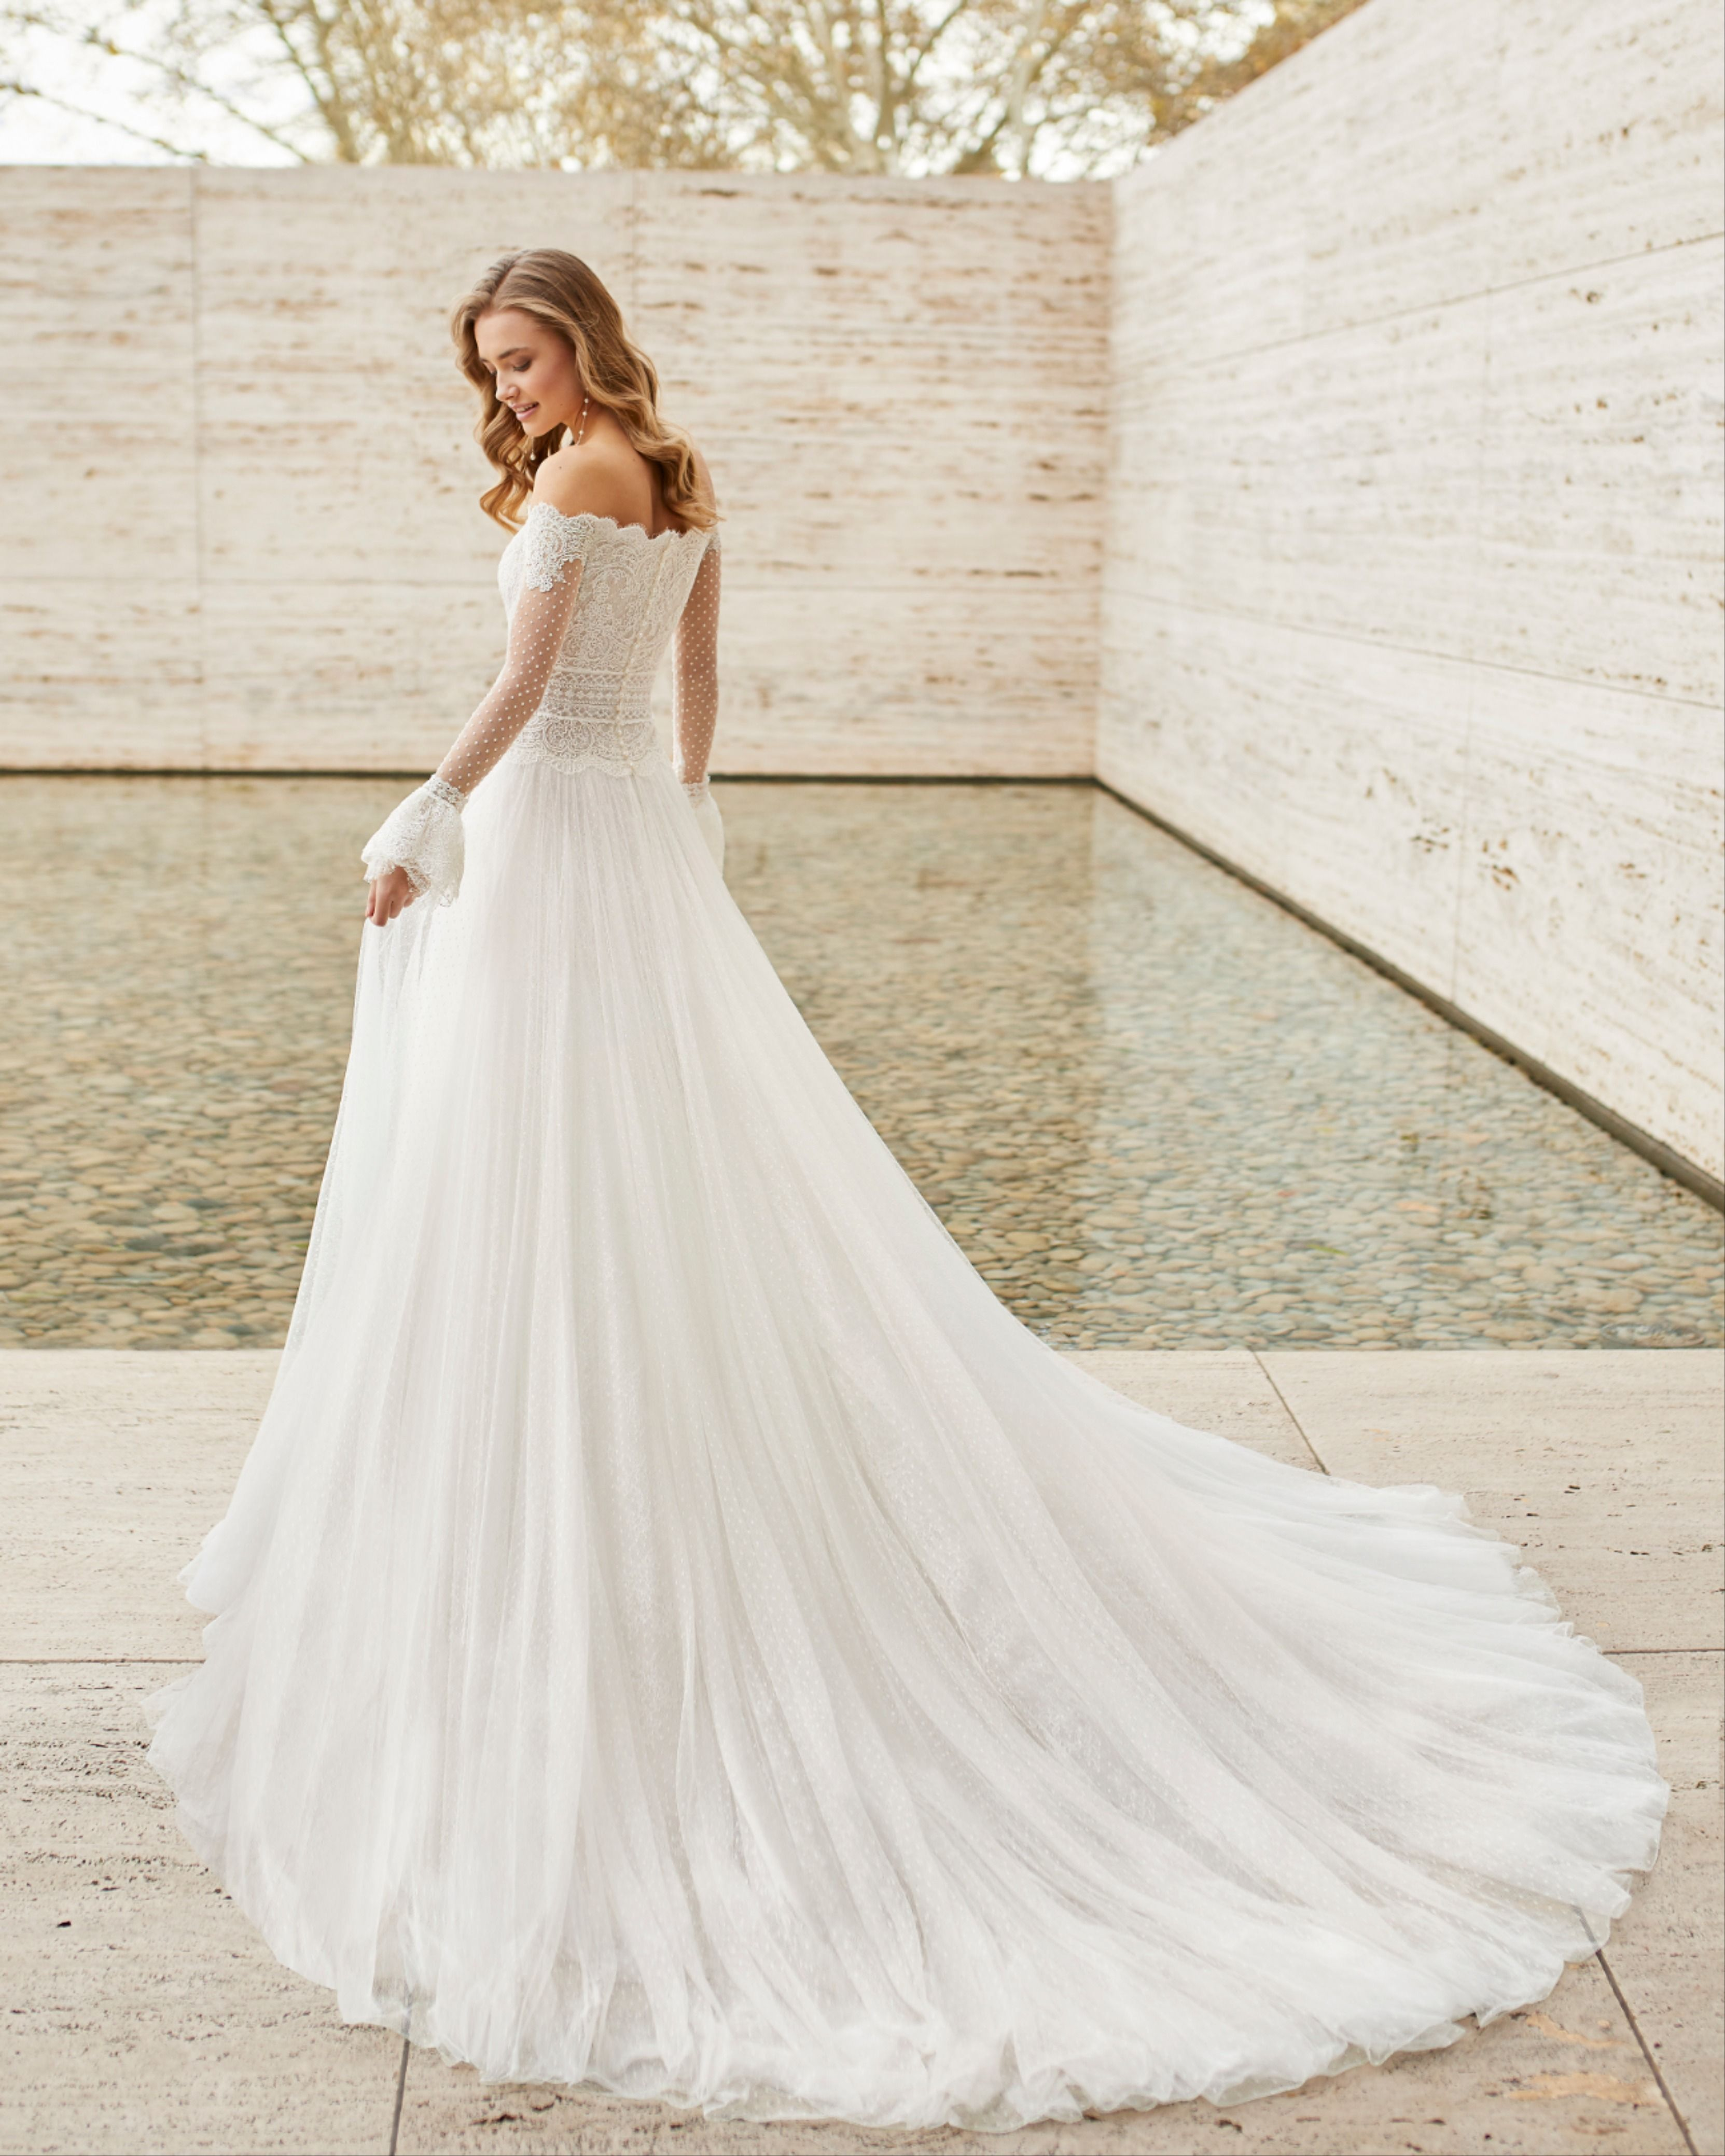 Eilen By Rosa Clara Princess Style Wedding Dresses Wedding Dress Long Sleeve Long Wedding Dresses [ jpg ]